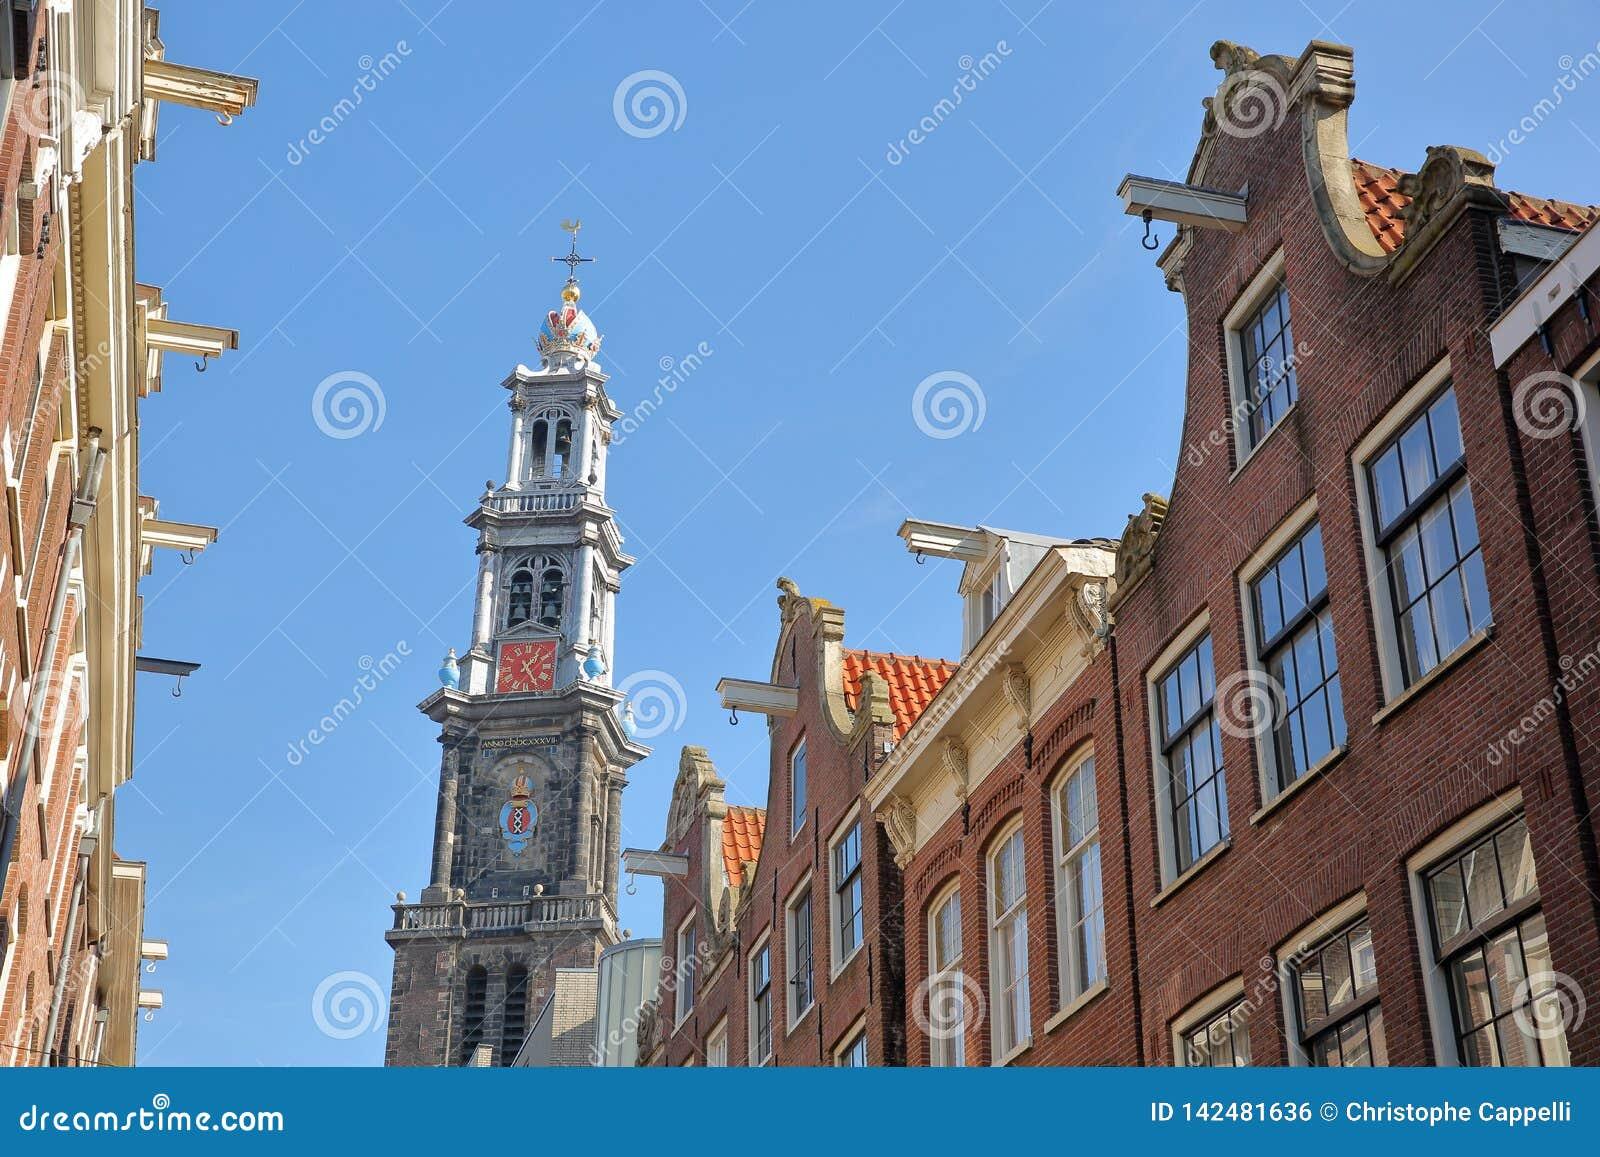 Bâtiments tordus et colorés d héritage, situés le long de la rue de Bloemstraat, avec le clocktower d église de Westerkerk dans l